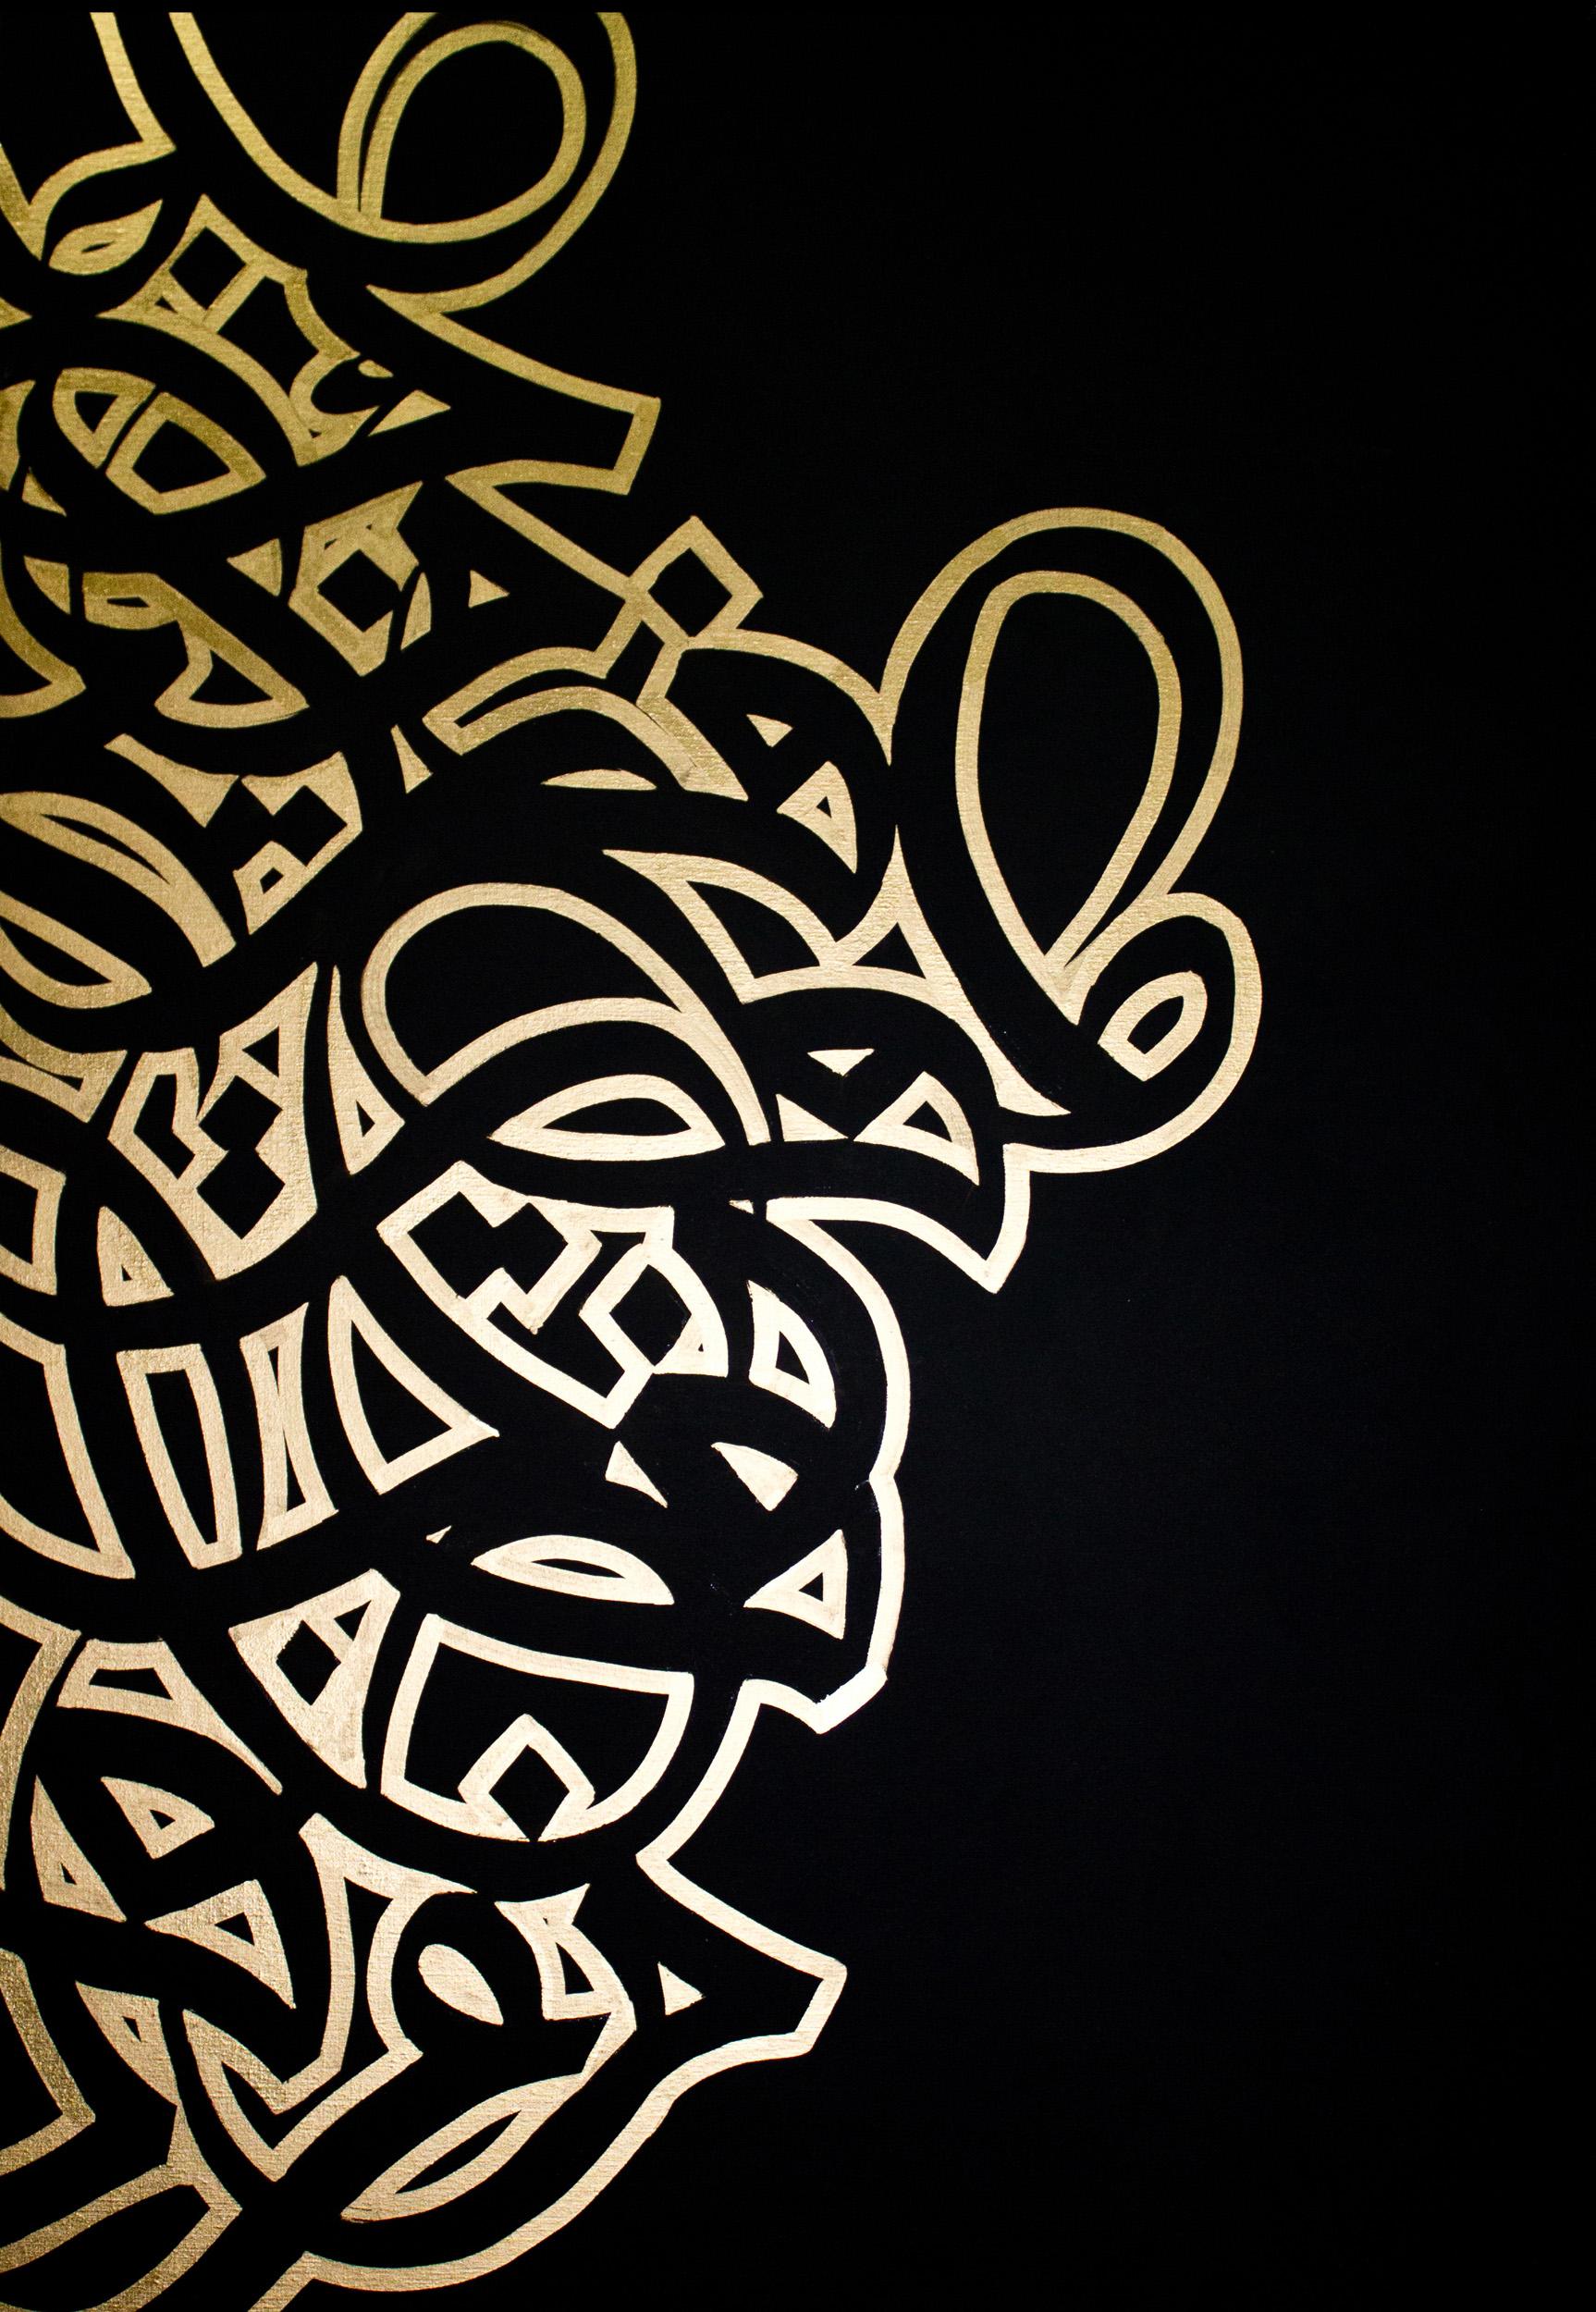 Calligraffitis Le Tunisien El Seed M Le Calligraphie Et